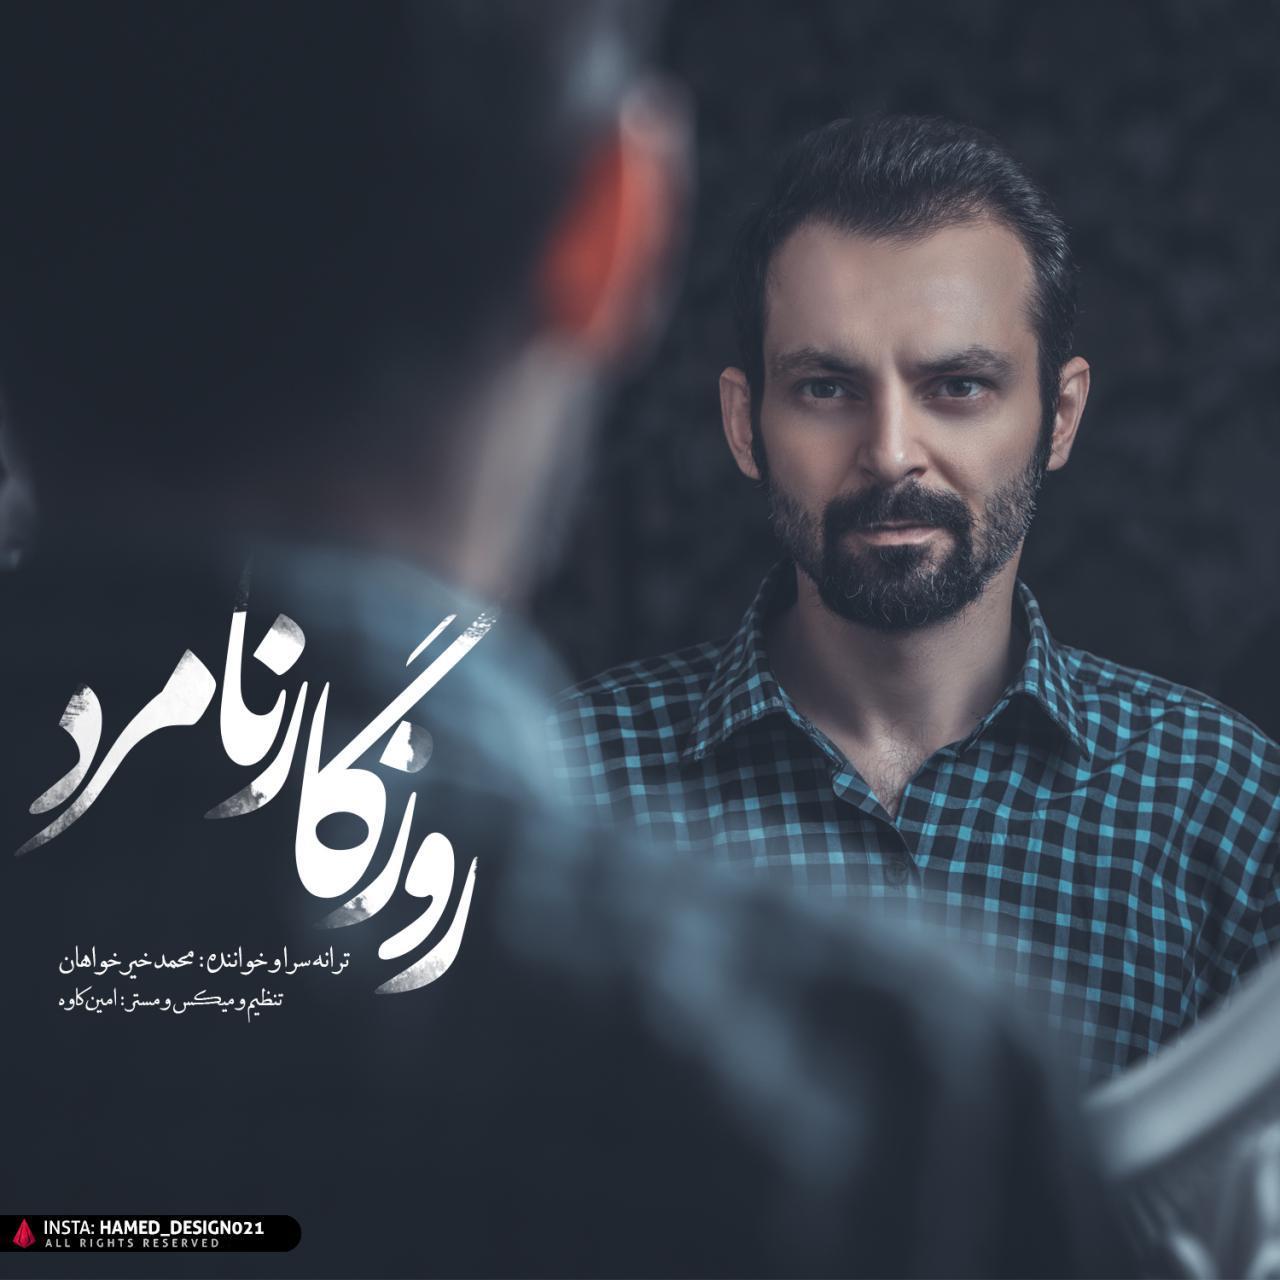 Mohammad Kheirkhahan – Roozegare Namard